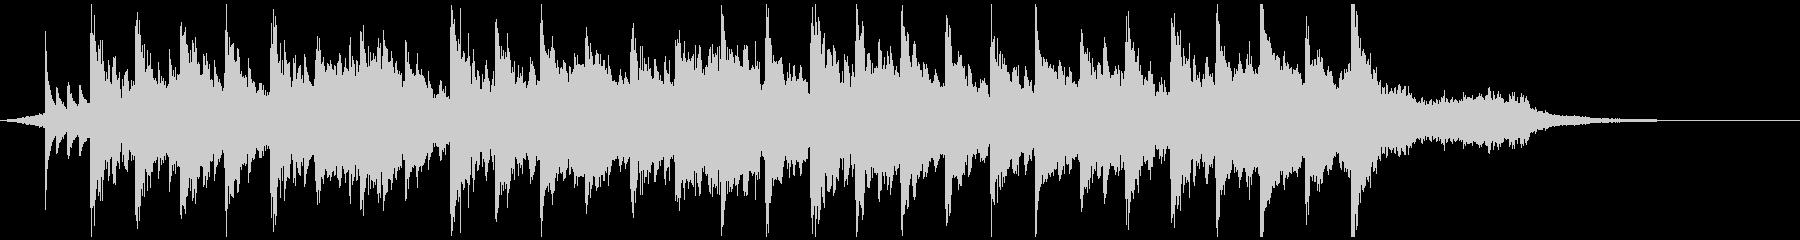 幻想的な映像、ピアノ、ポストクラシカル5の未再生の波形